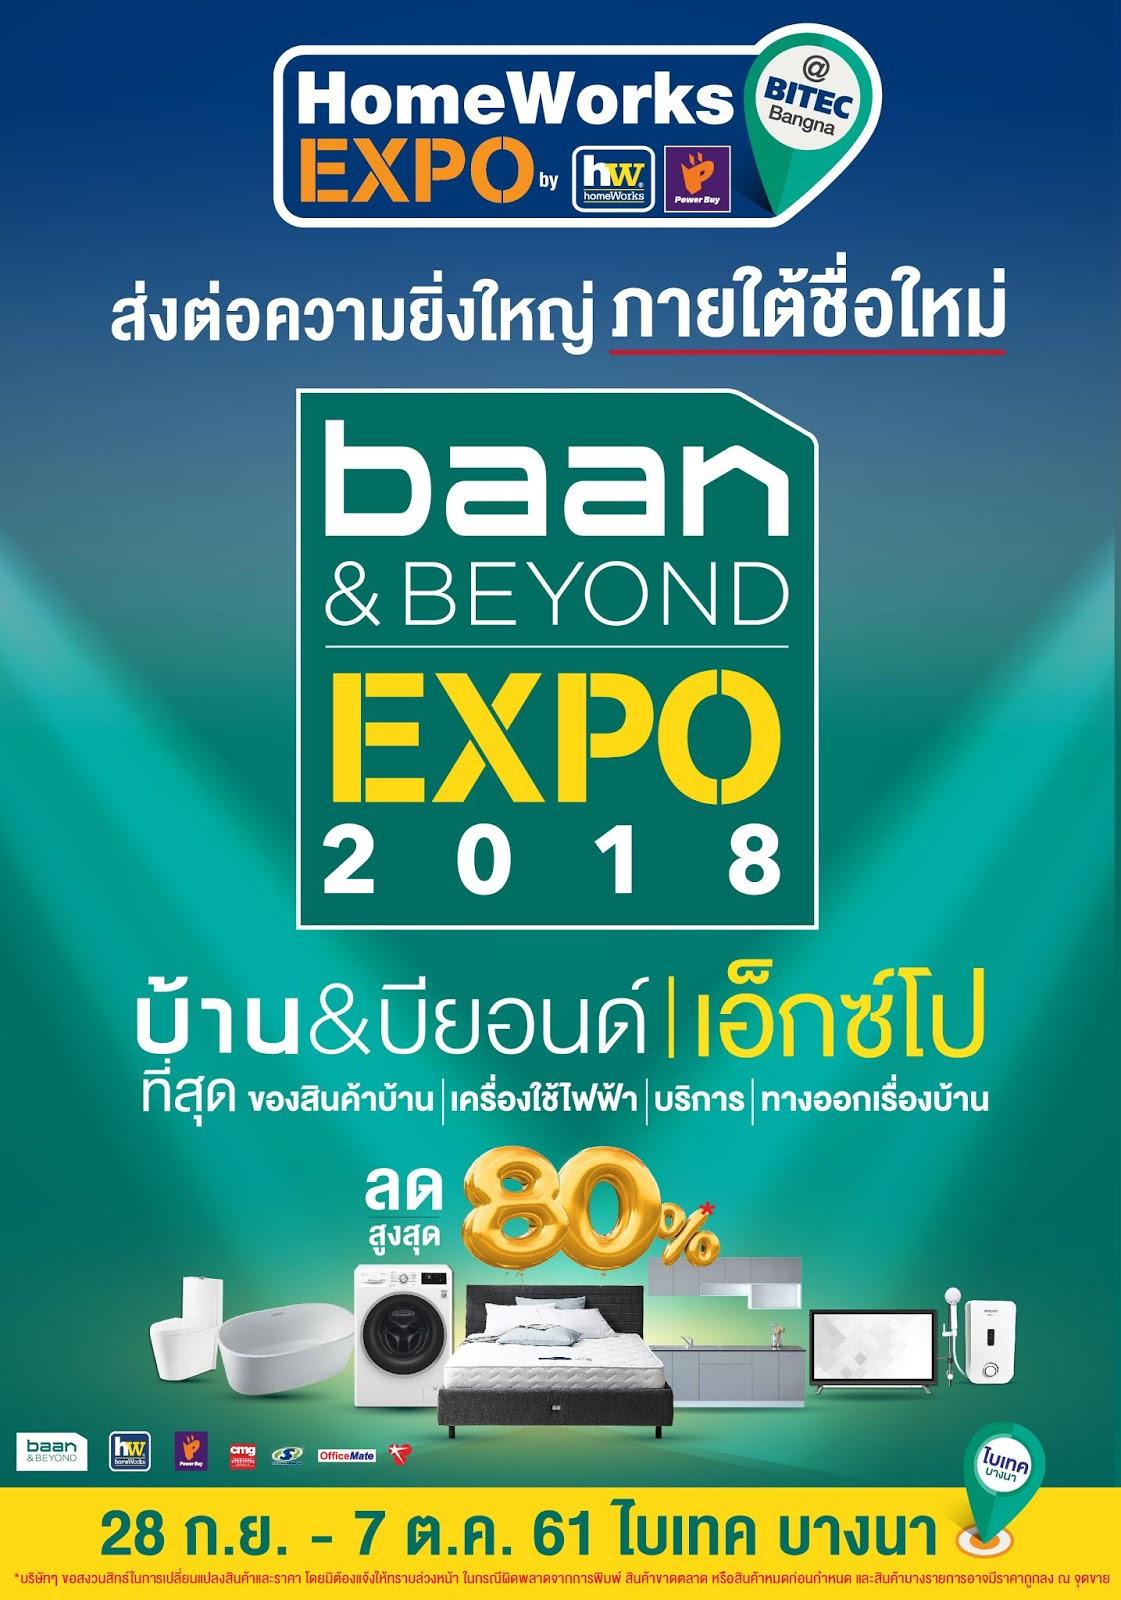 งาน Homeworks EXPO ส่งต่อความยิ่งใหญ่ภายใต้ชื่อใหม่ baan&BEYOND EXPO 2018